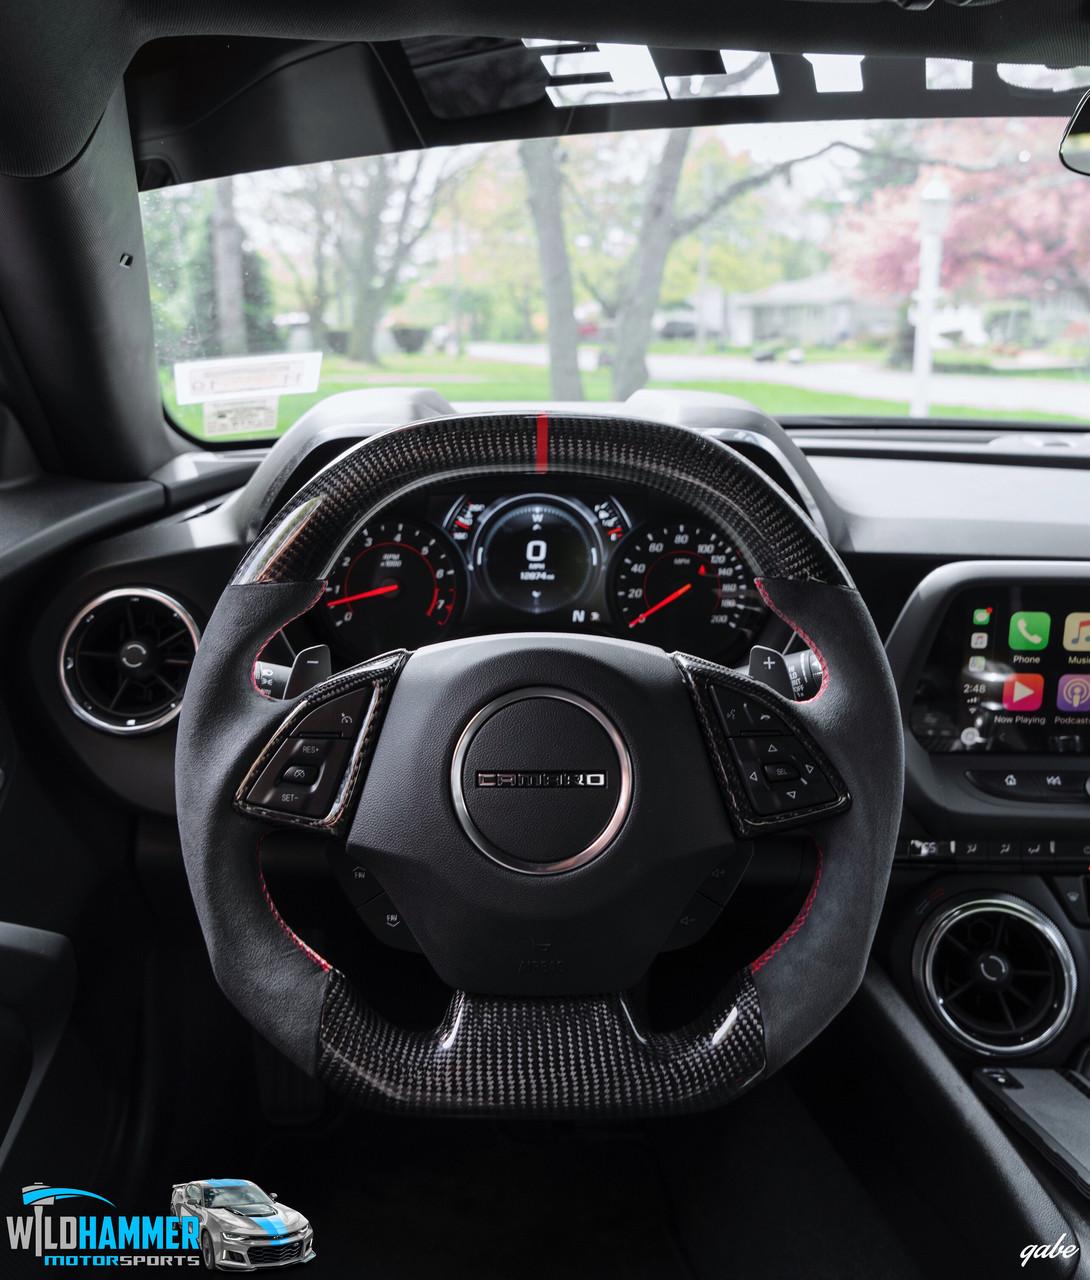 Camaro Carbon Fiber Steering Wheel - Wildhammer